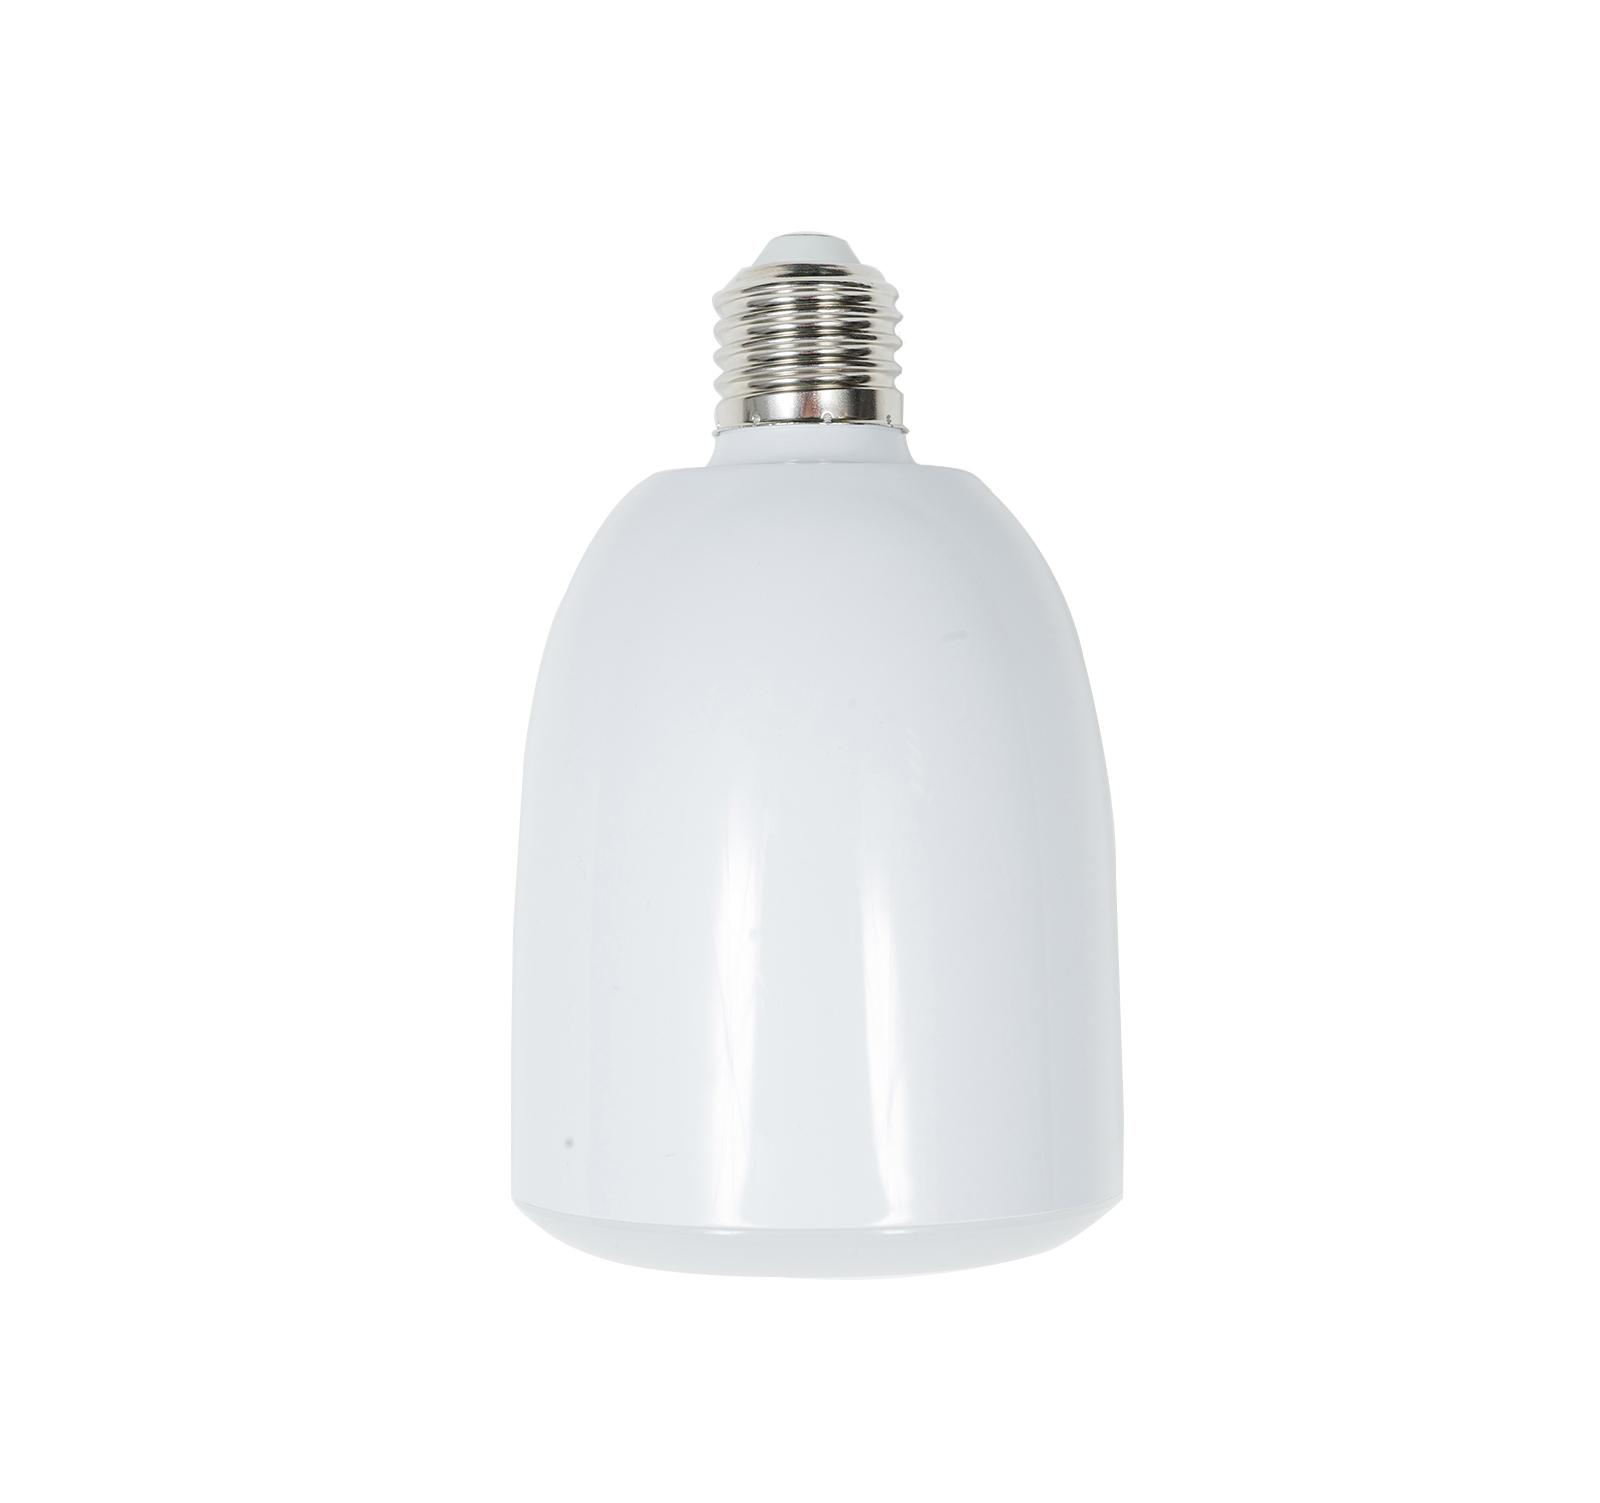 Ampoule musicale – Enceinte bluetooth Smart-Light